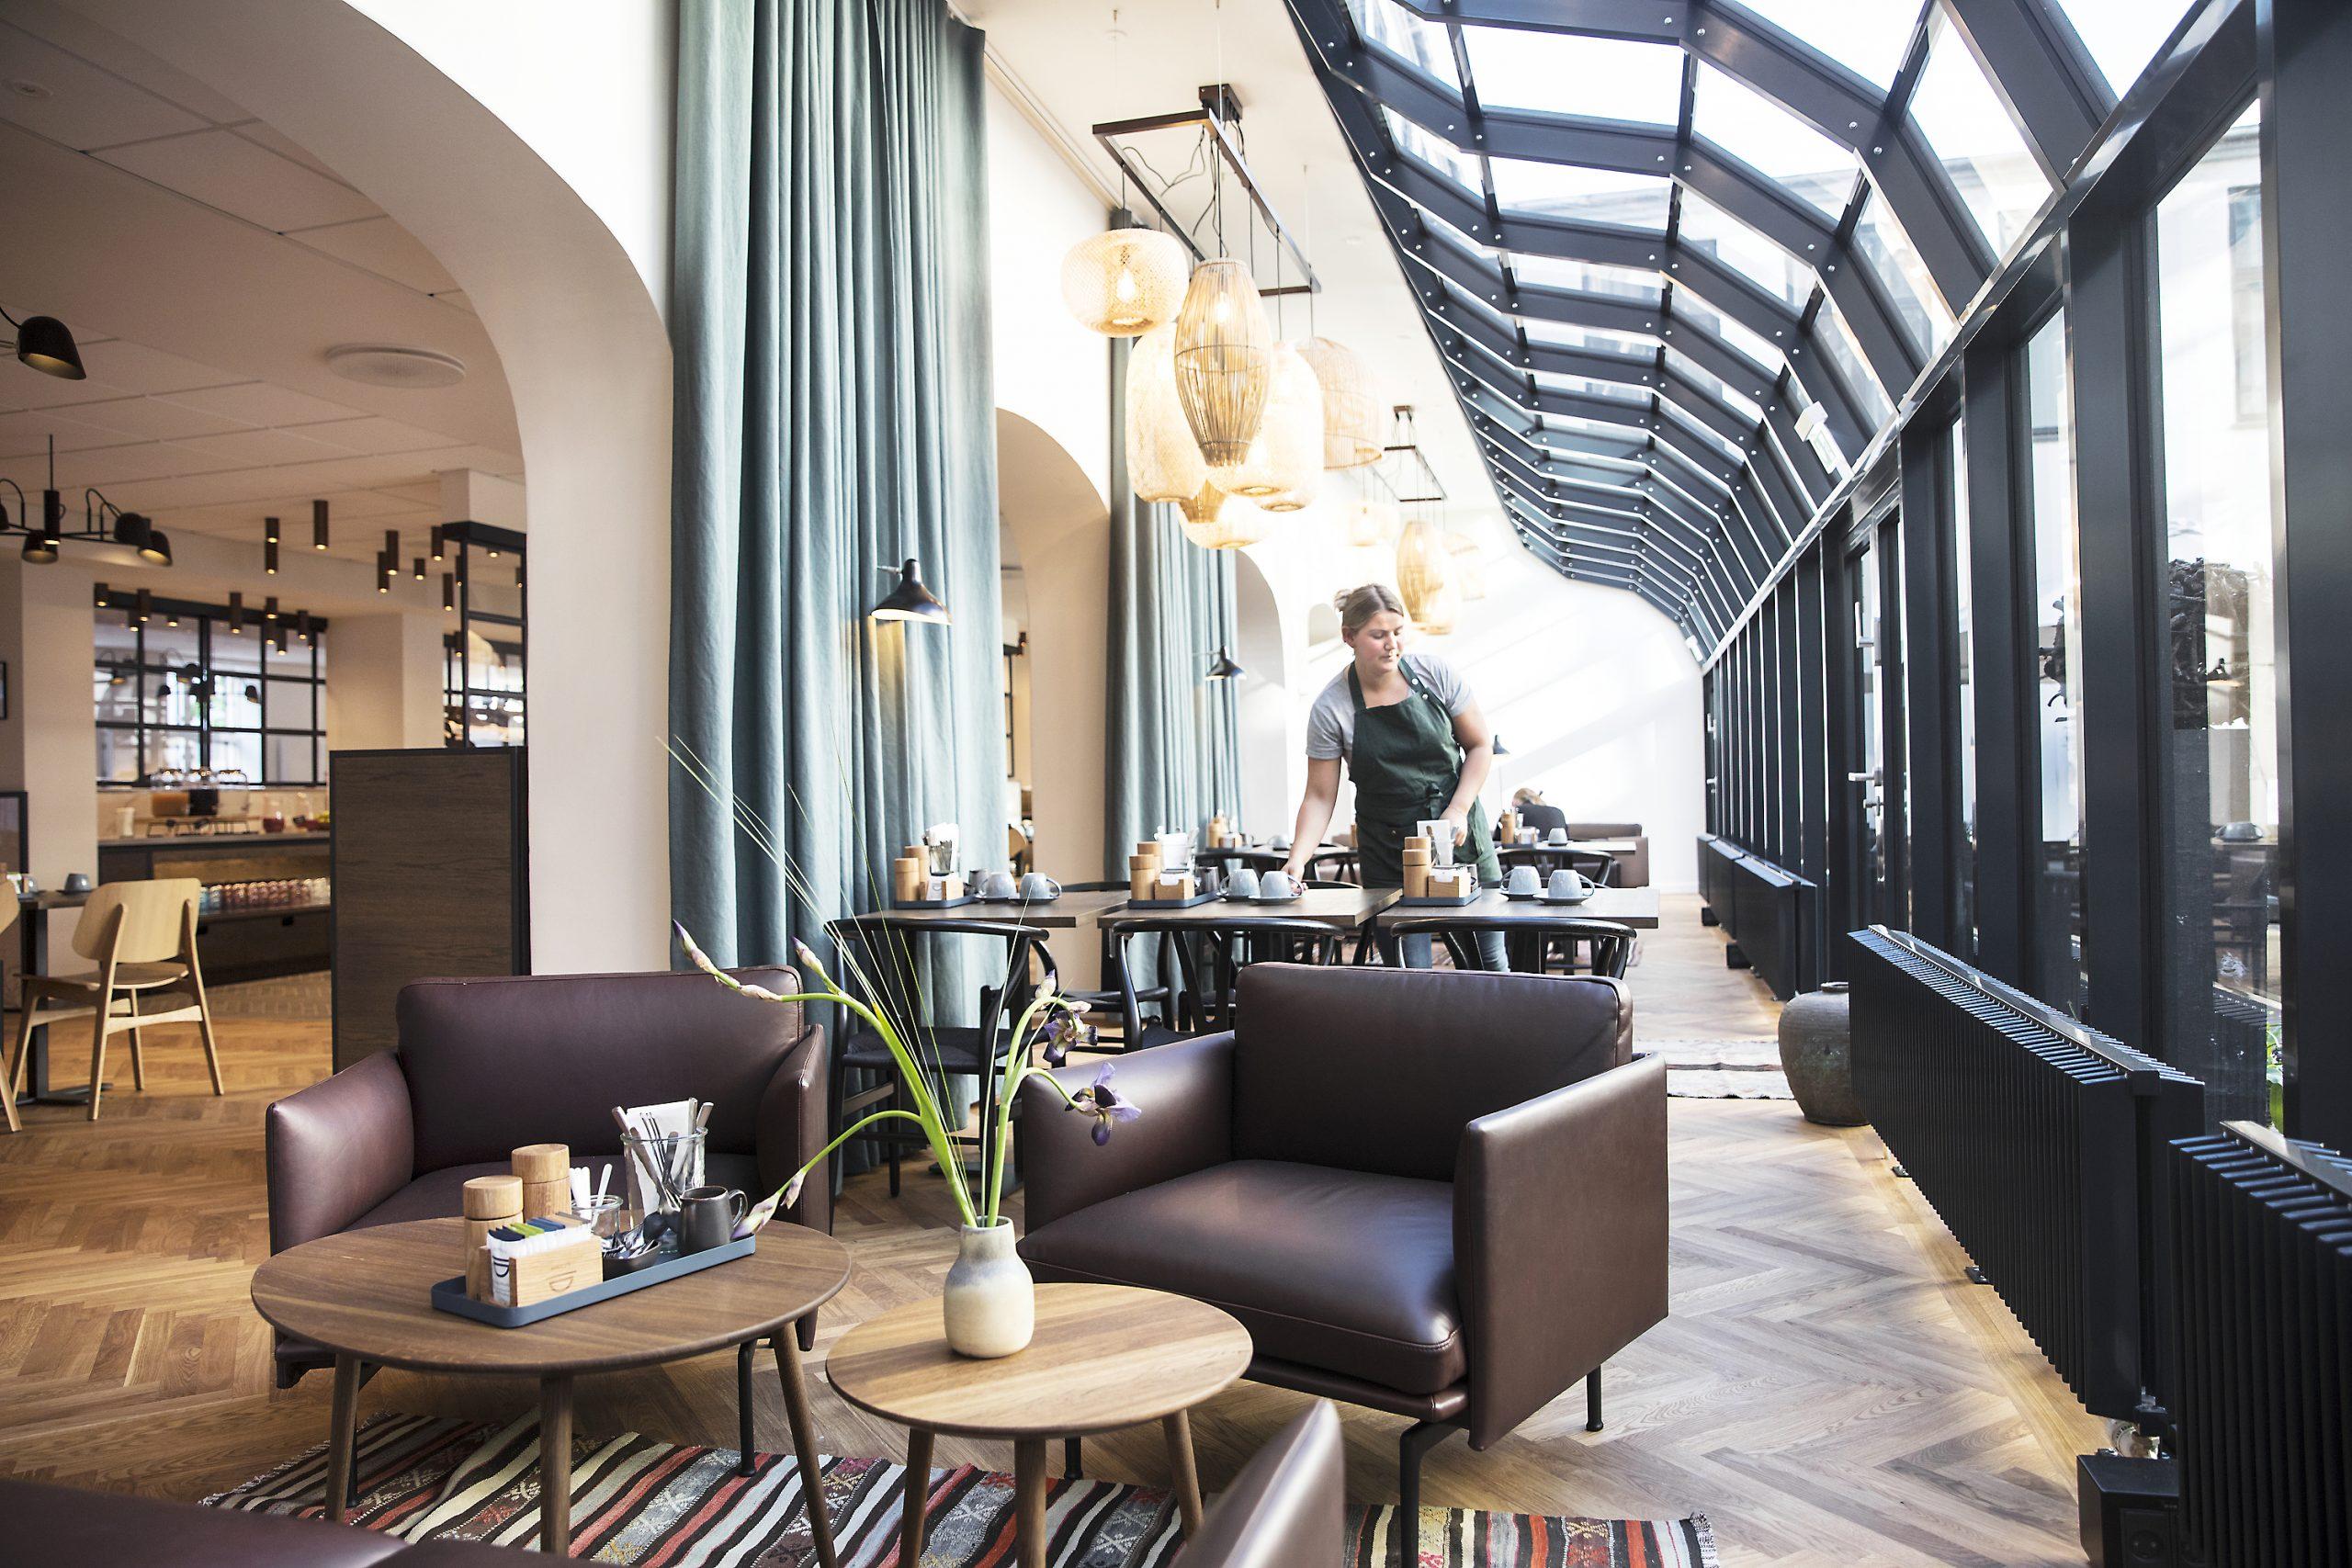 De to medlemmer af københavnske Arthur Hotels, selve Hotel Kong Arthur og naboen Ibsens Hotel havde sidste år en gennemsnitlig belægning på blot 30 procent. Arkivpressefoto fra Arthur Hotels.